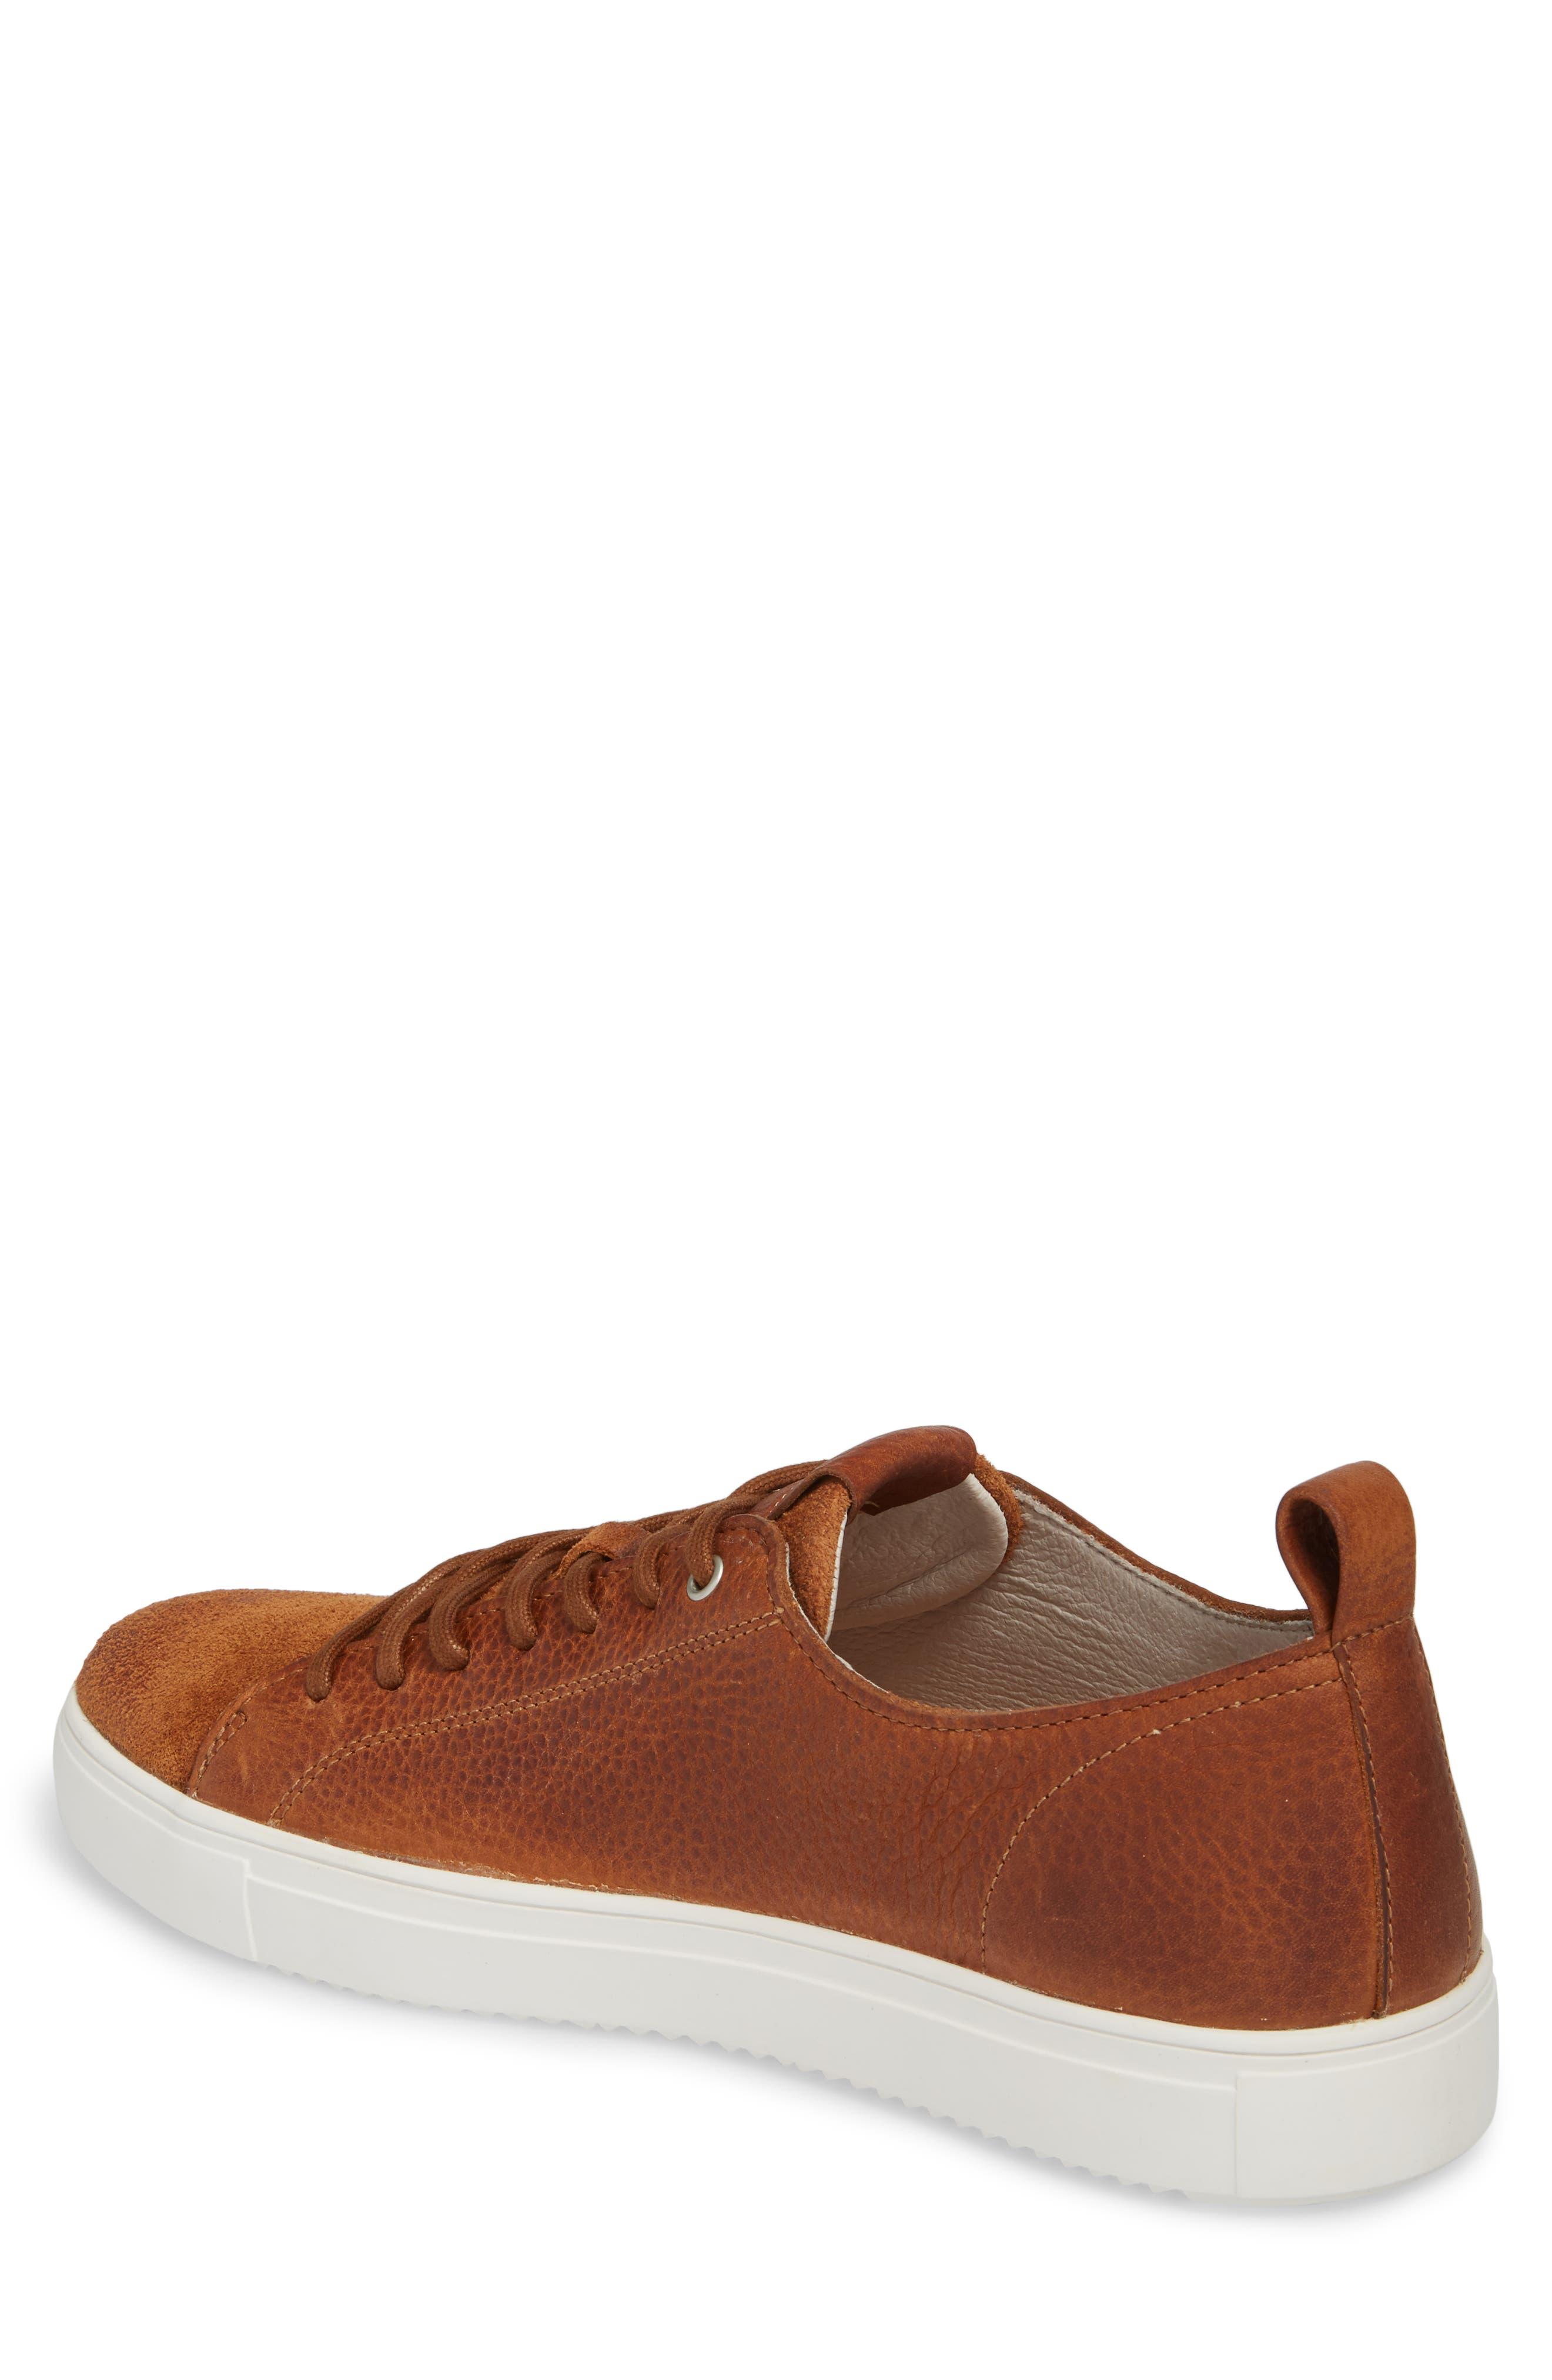 Alternate Image 2  - Blackstone PM46 Low Top Sneaker (Men)